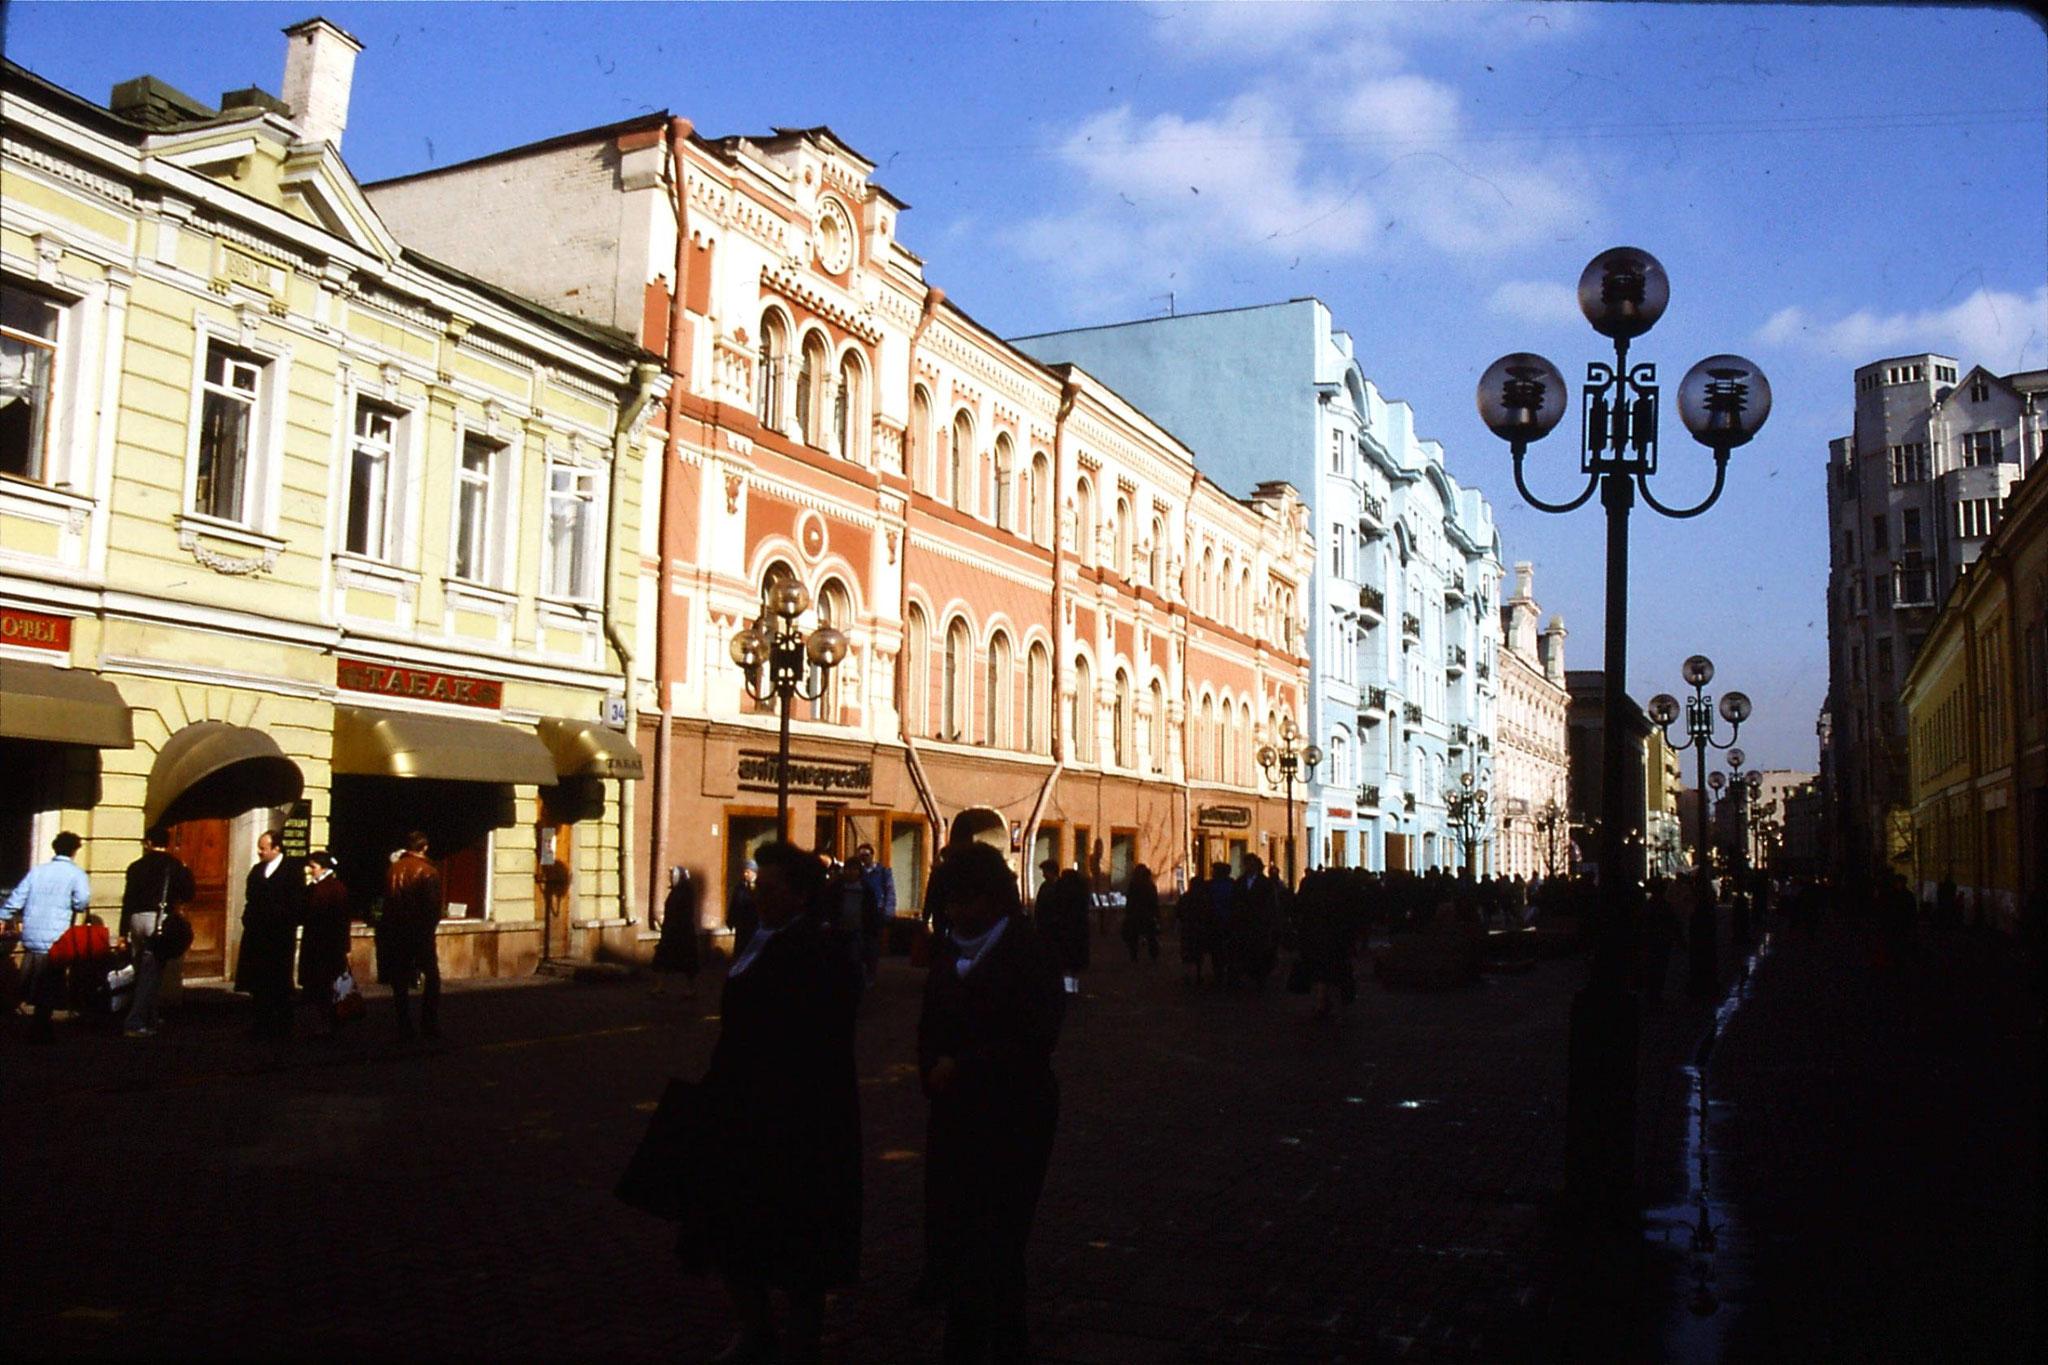 17/10/1988: 12: Arbat street